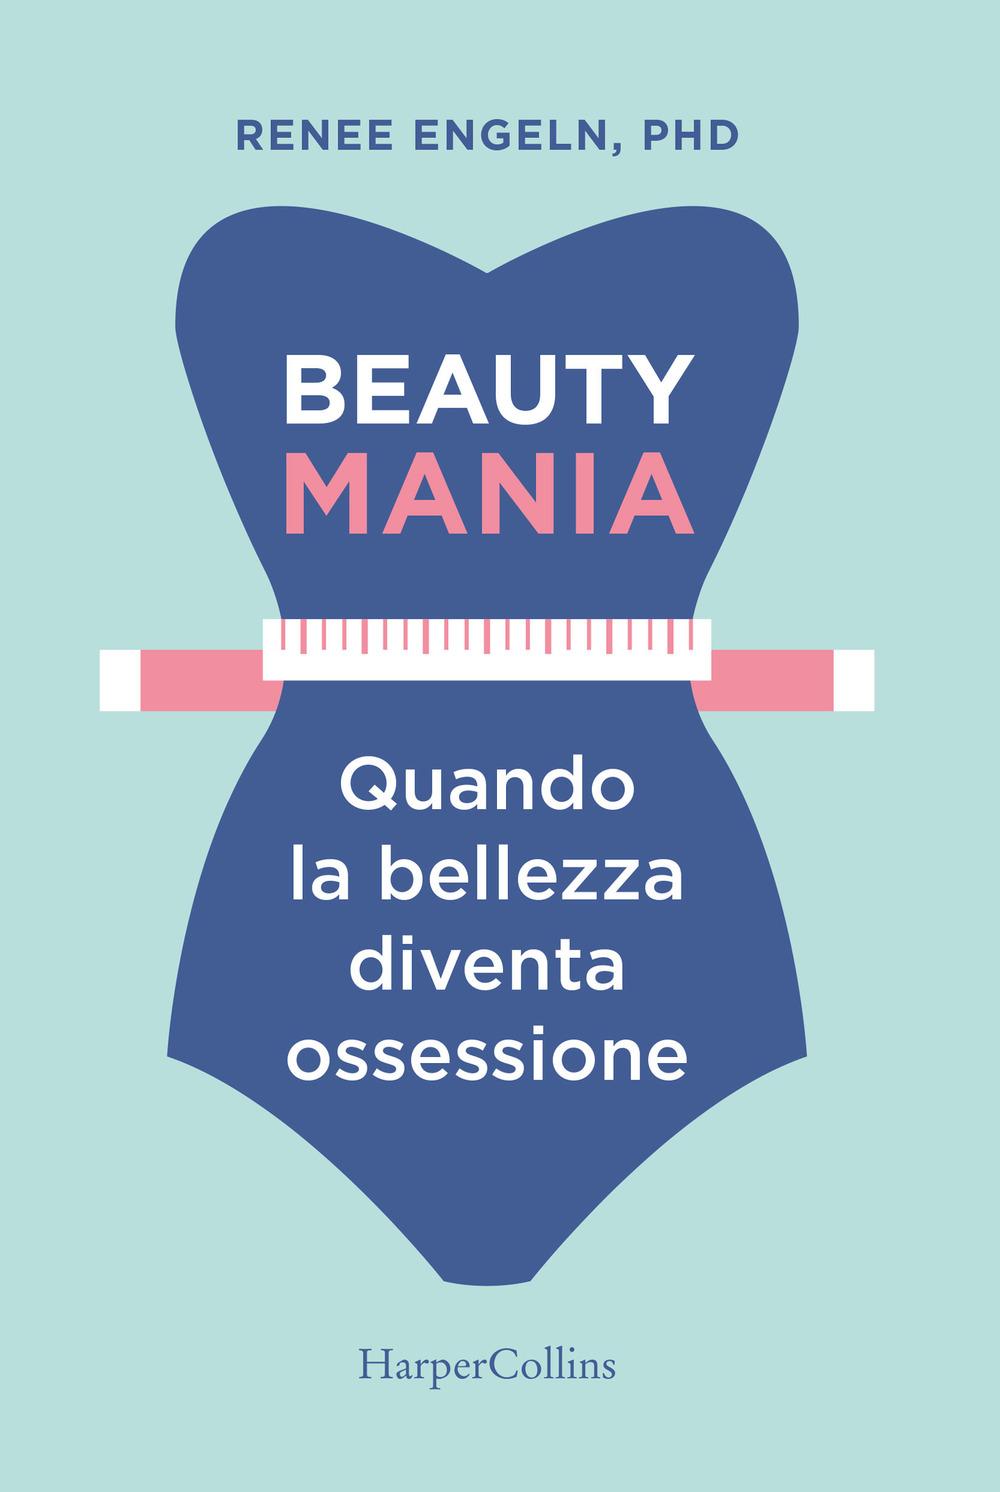 BEAUTY MANIA. QUANDO LA BELLEZZA DIVENTA OSSESSIONE - 9788869052859